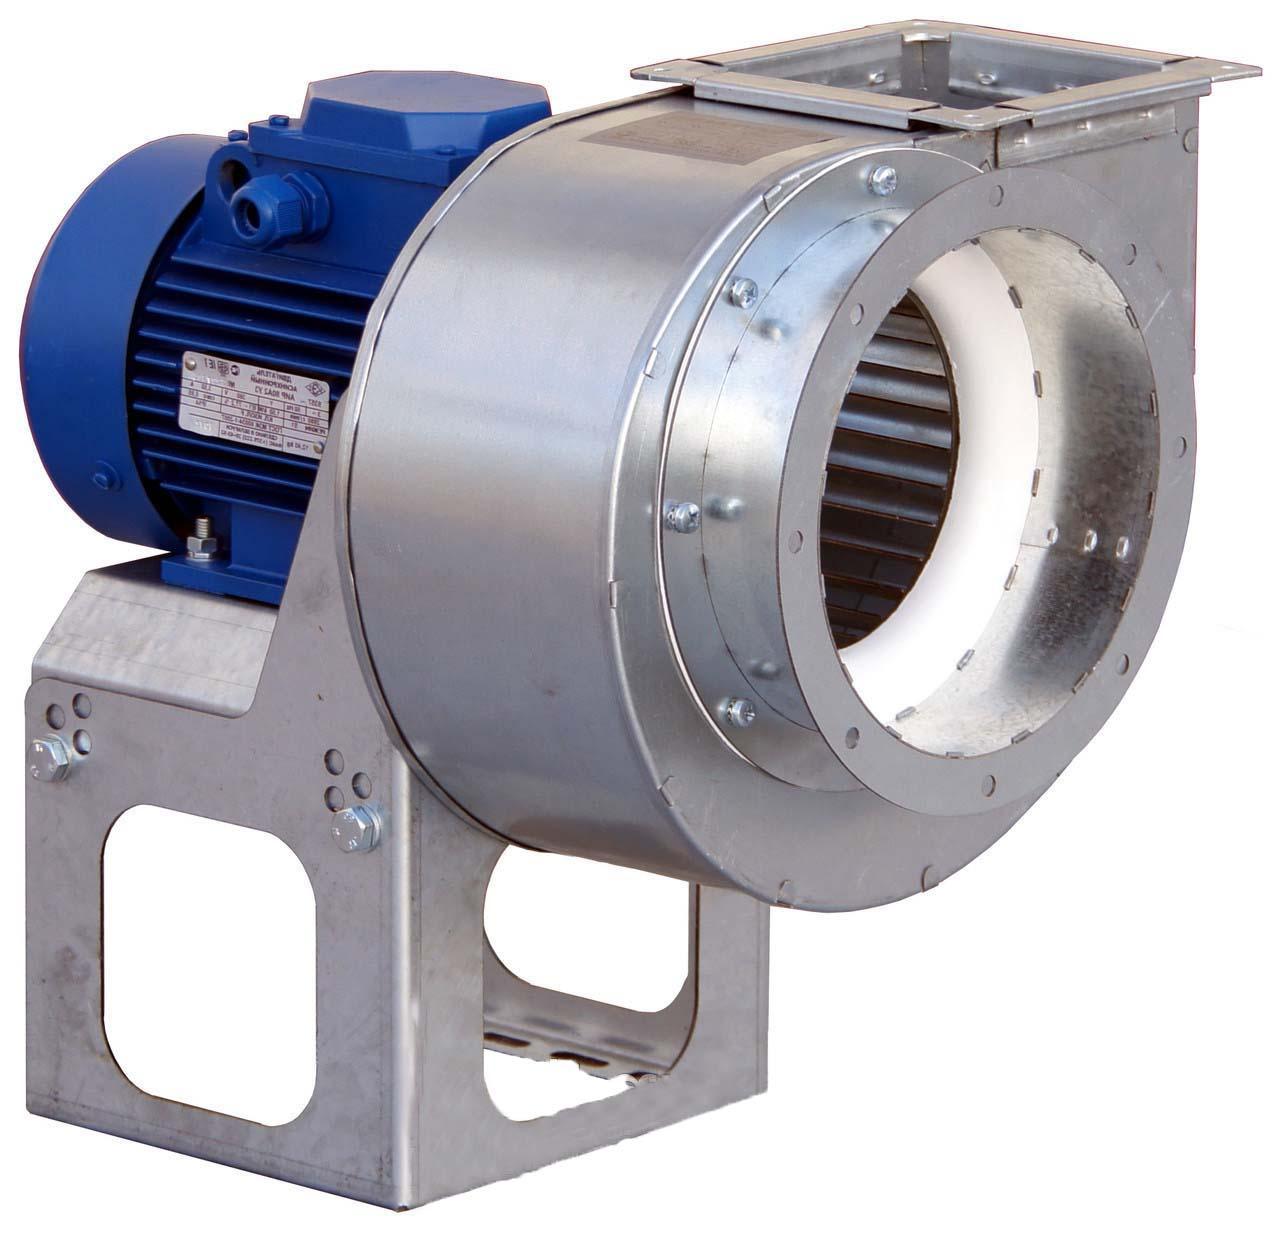 Вентилятор ВР 280-46-2,0 2,2 кВт/3000 об/мин ЛО